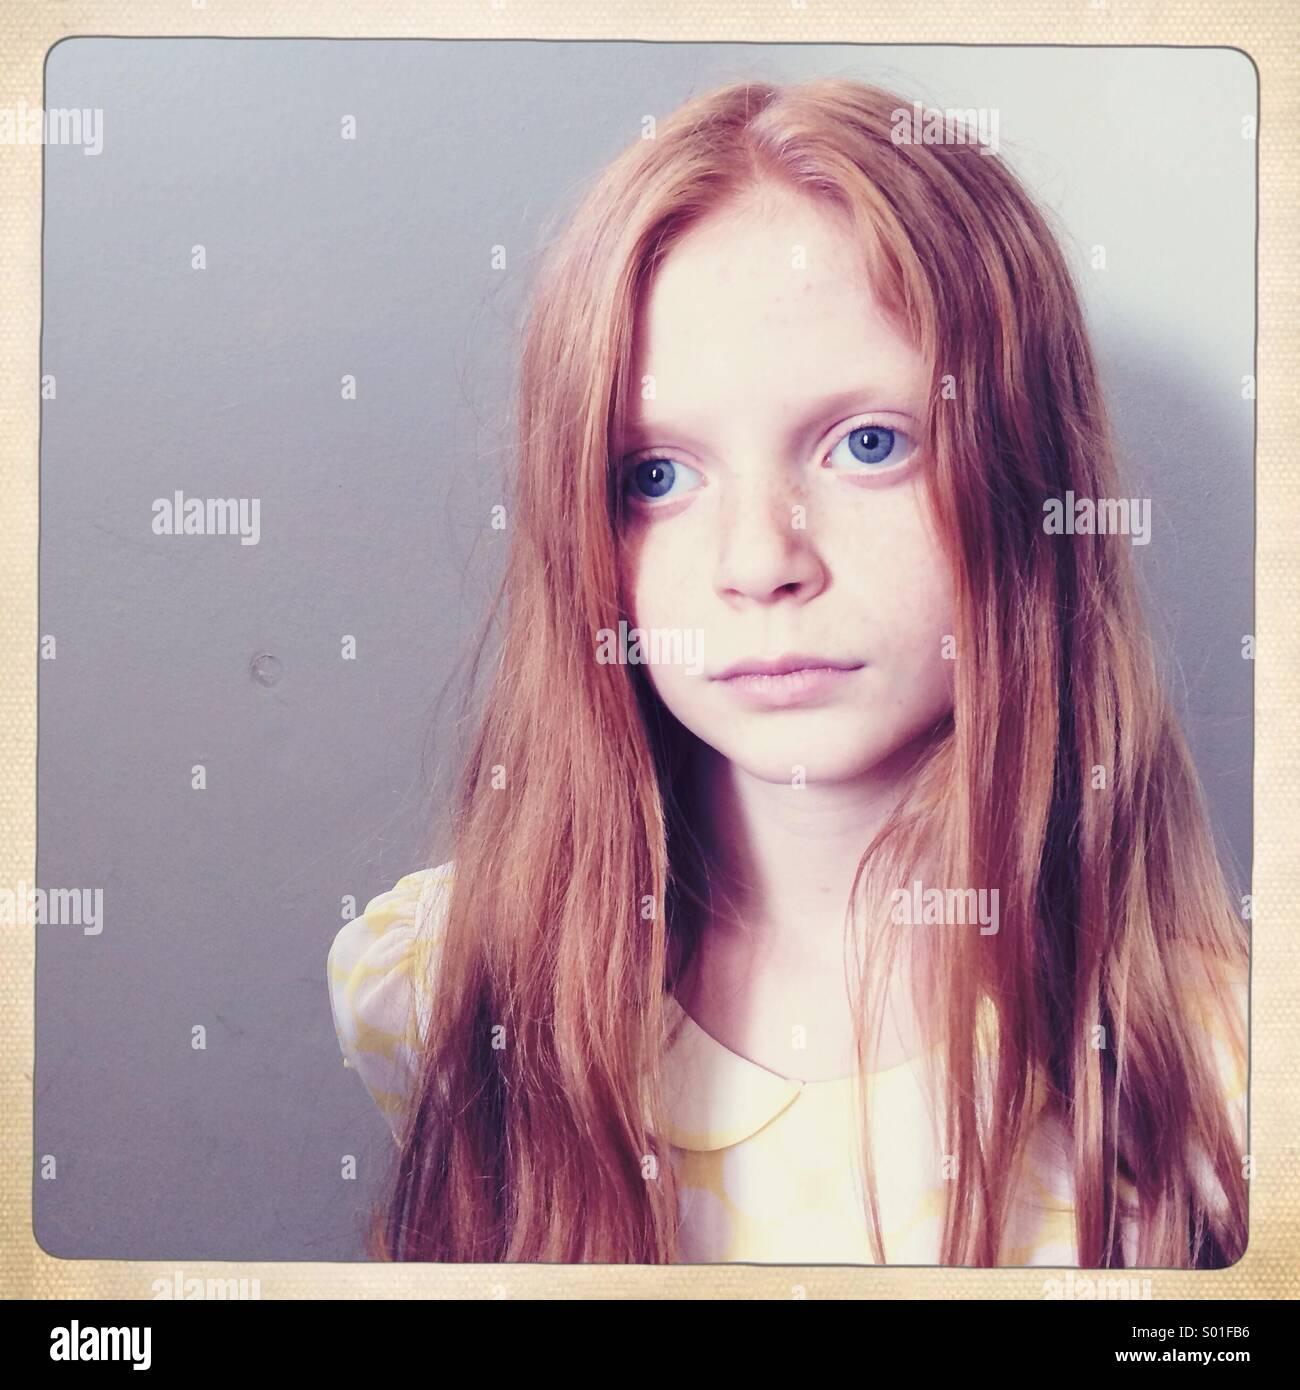 Rote kurzhaarige Mädchen starrt verständnislos hinter der Kamera mit einem einfachen grauen Hintergrund Stockbild